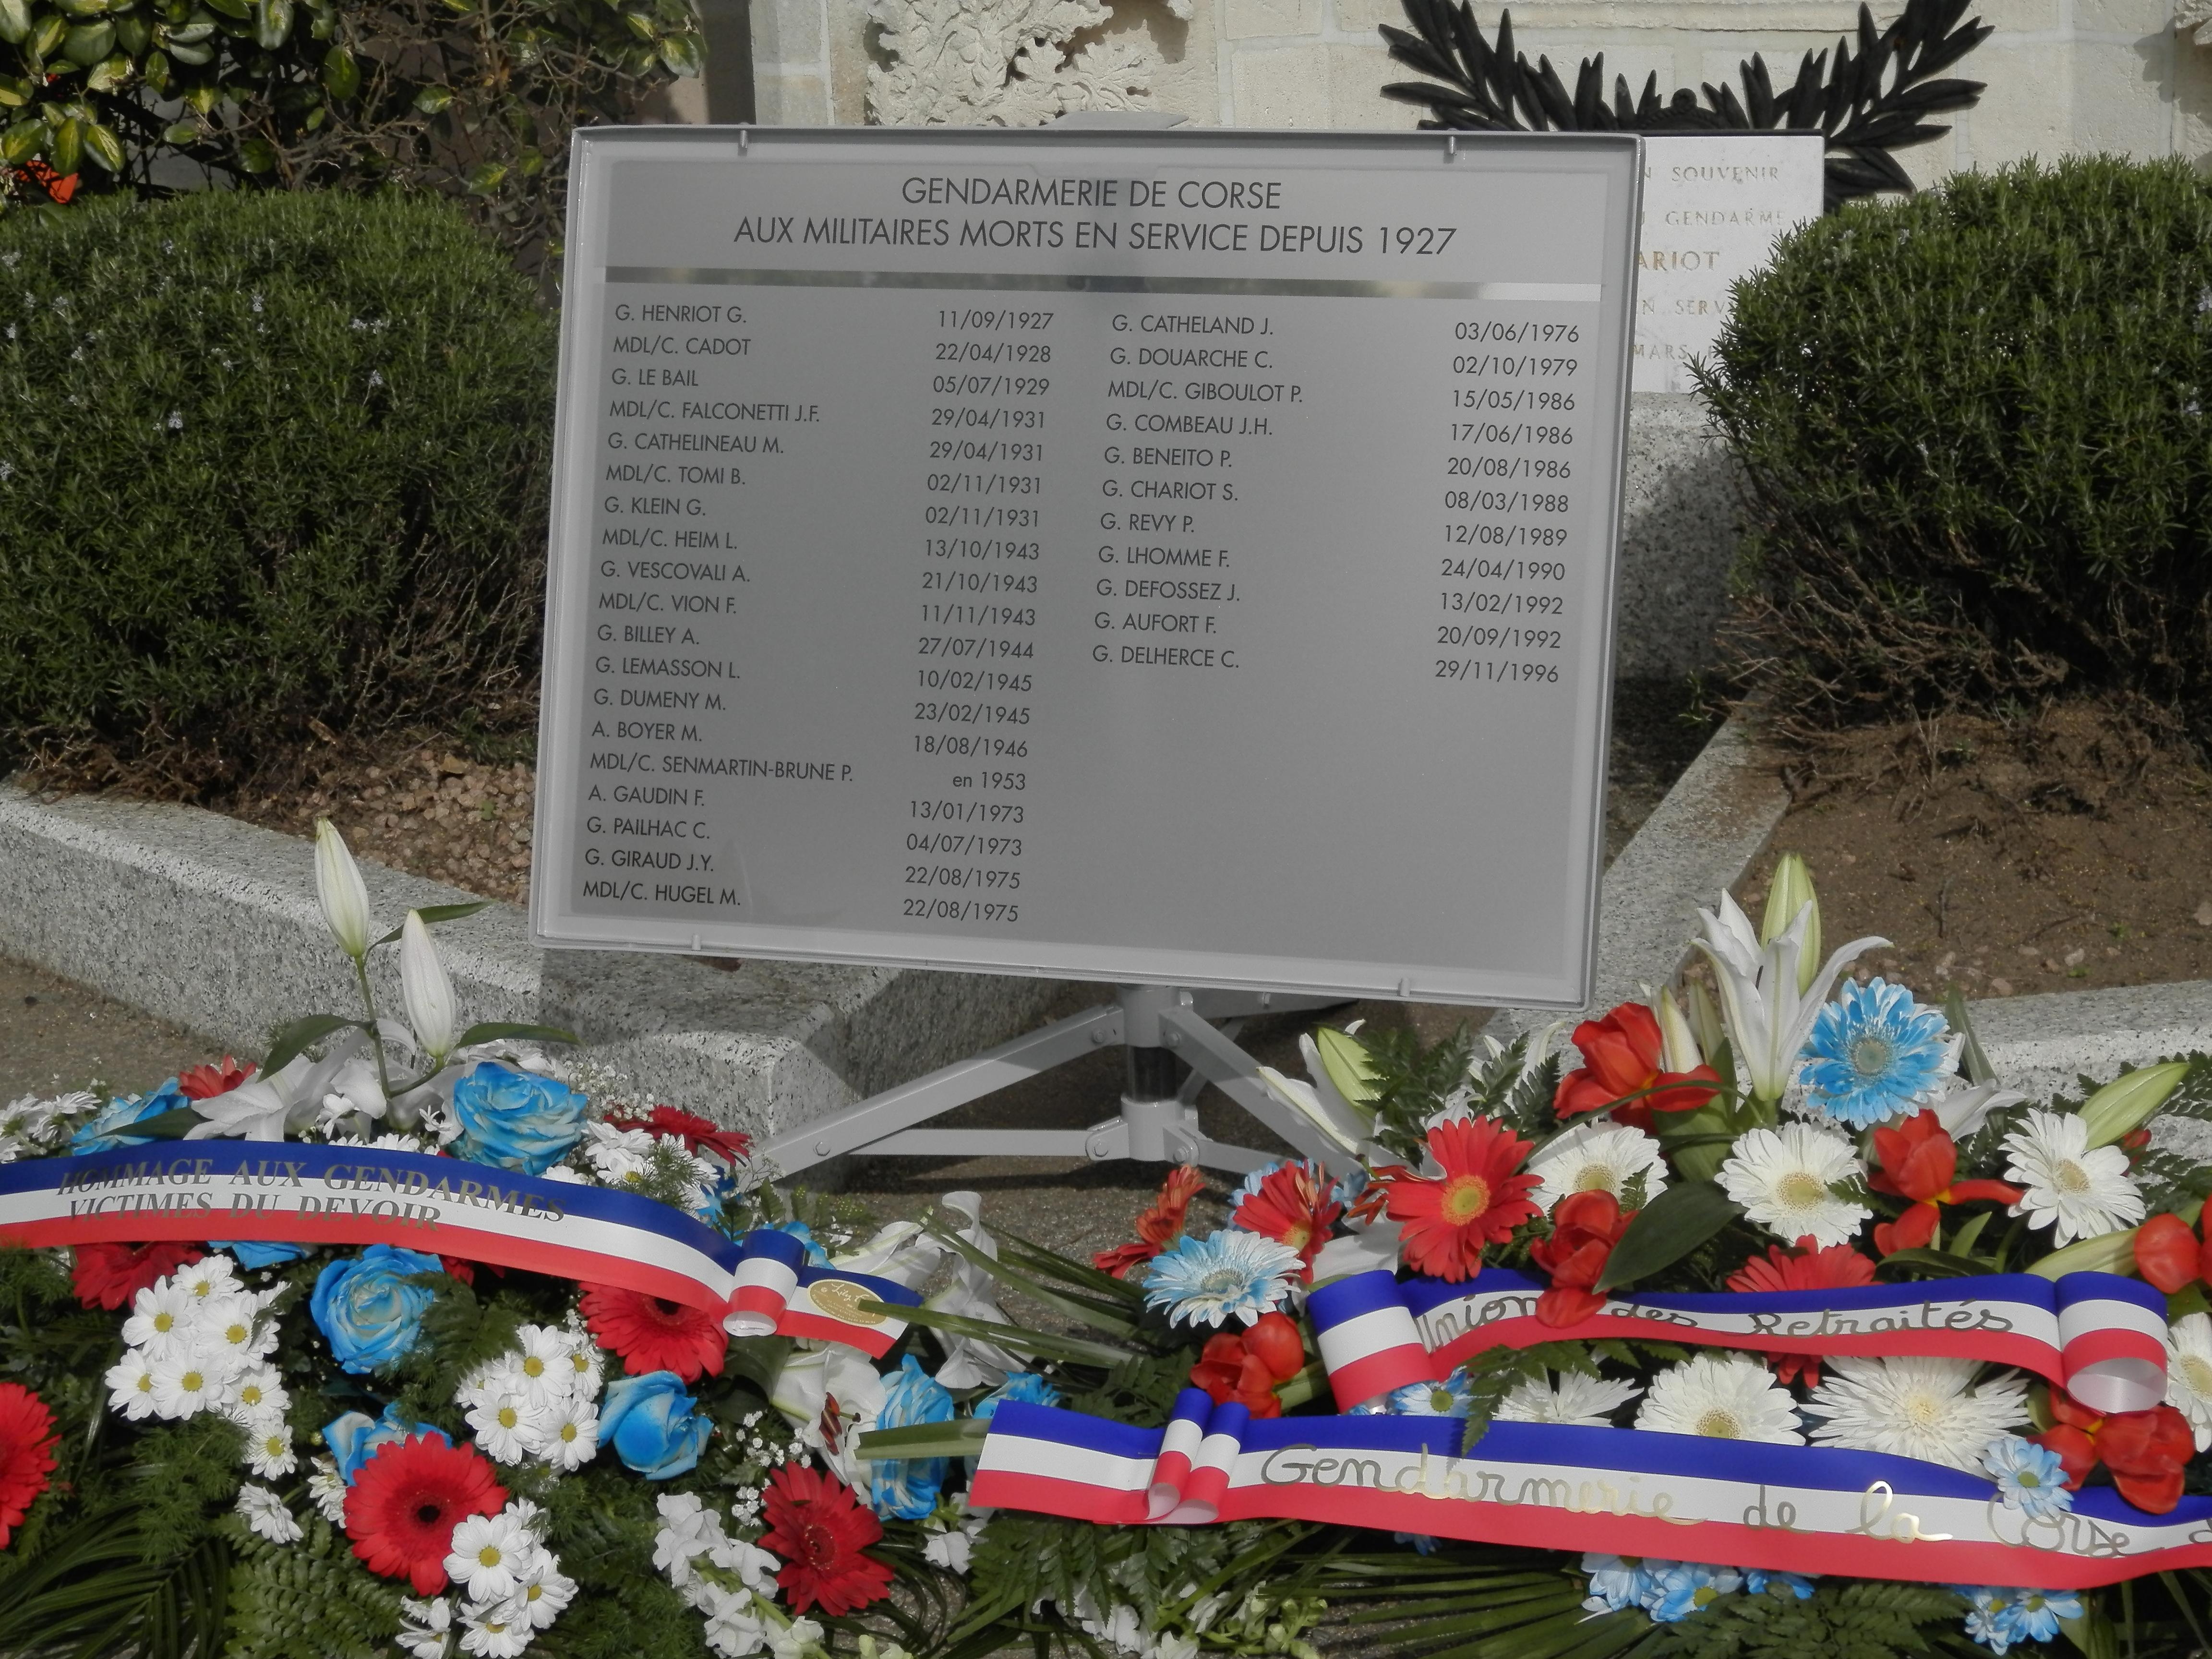 Ajaccio : Hommage aux morts de la Gendarmerie